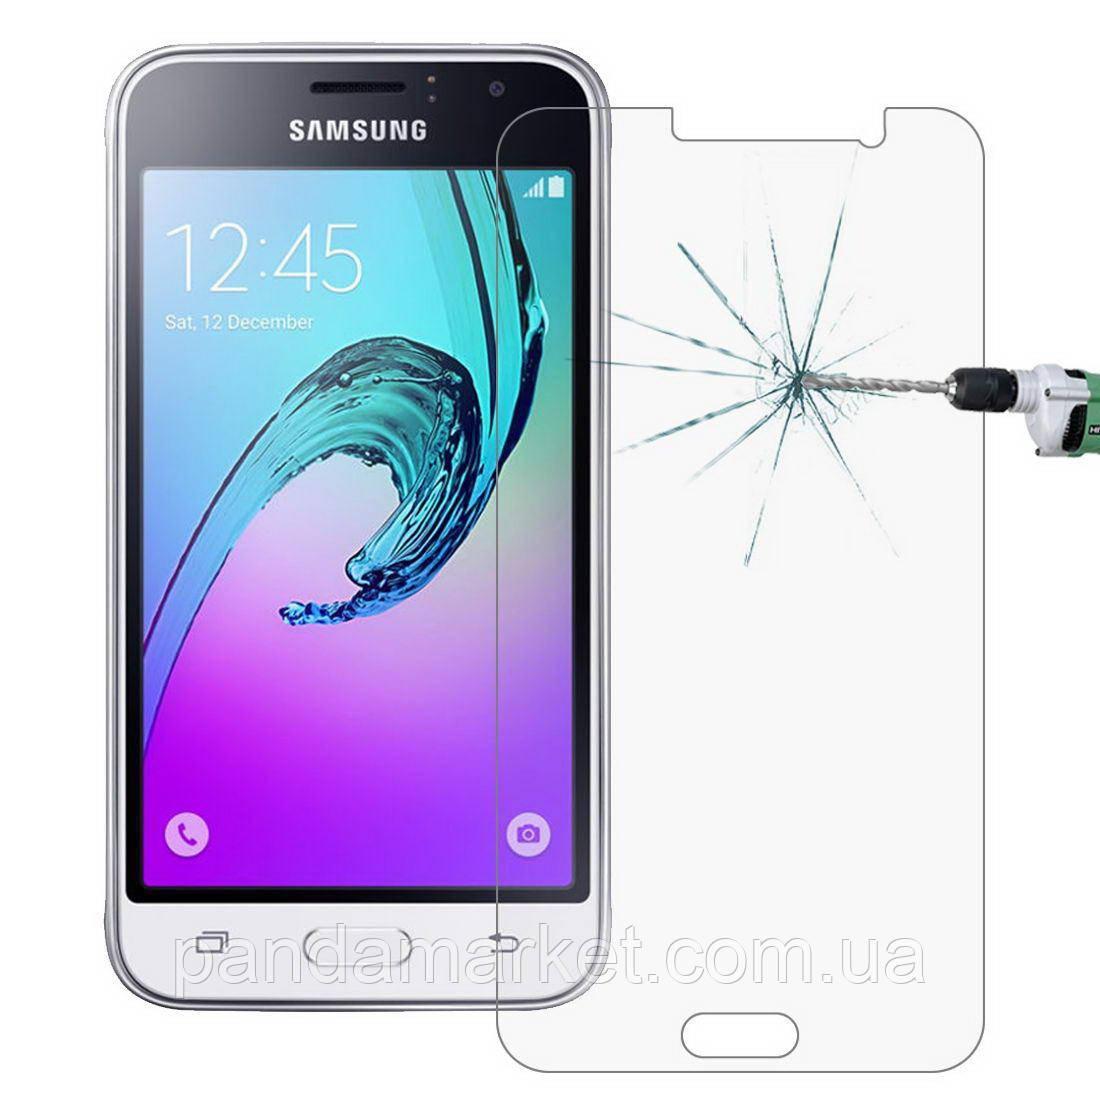 Защитное стекло 2.5D для Samsung J120 Galaxy J1 Duos (2016) (0.3mm, 2.5D, с олеофобным покрытием)